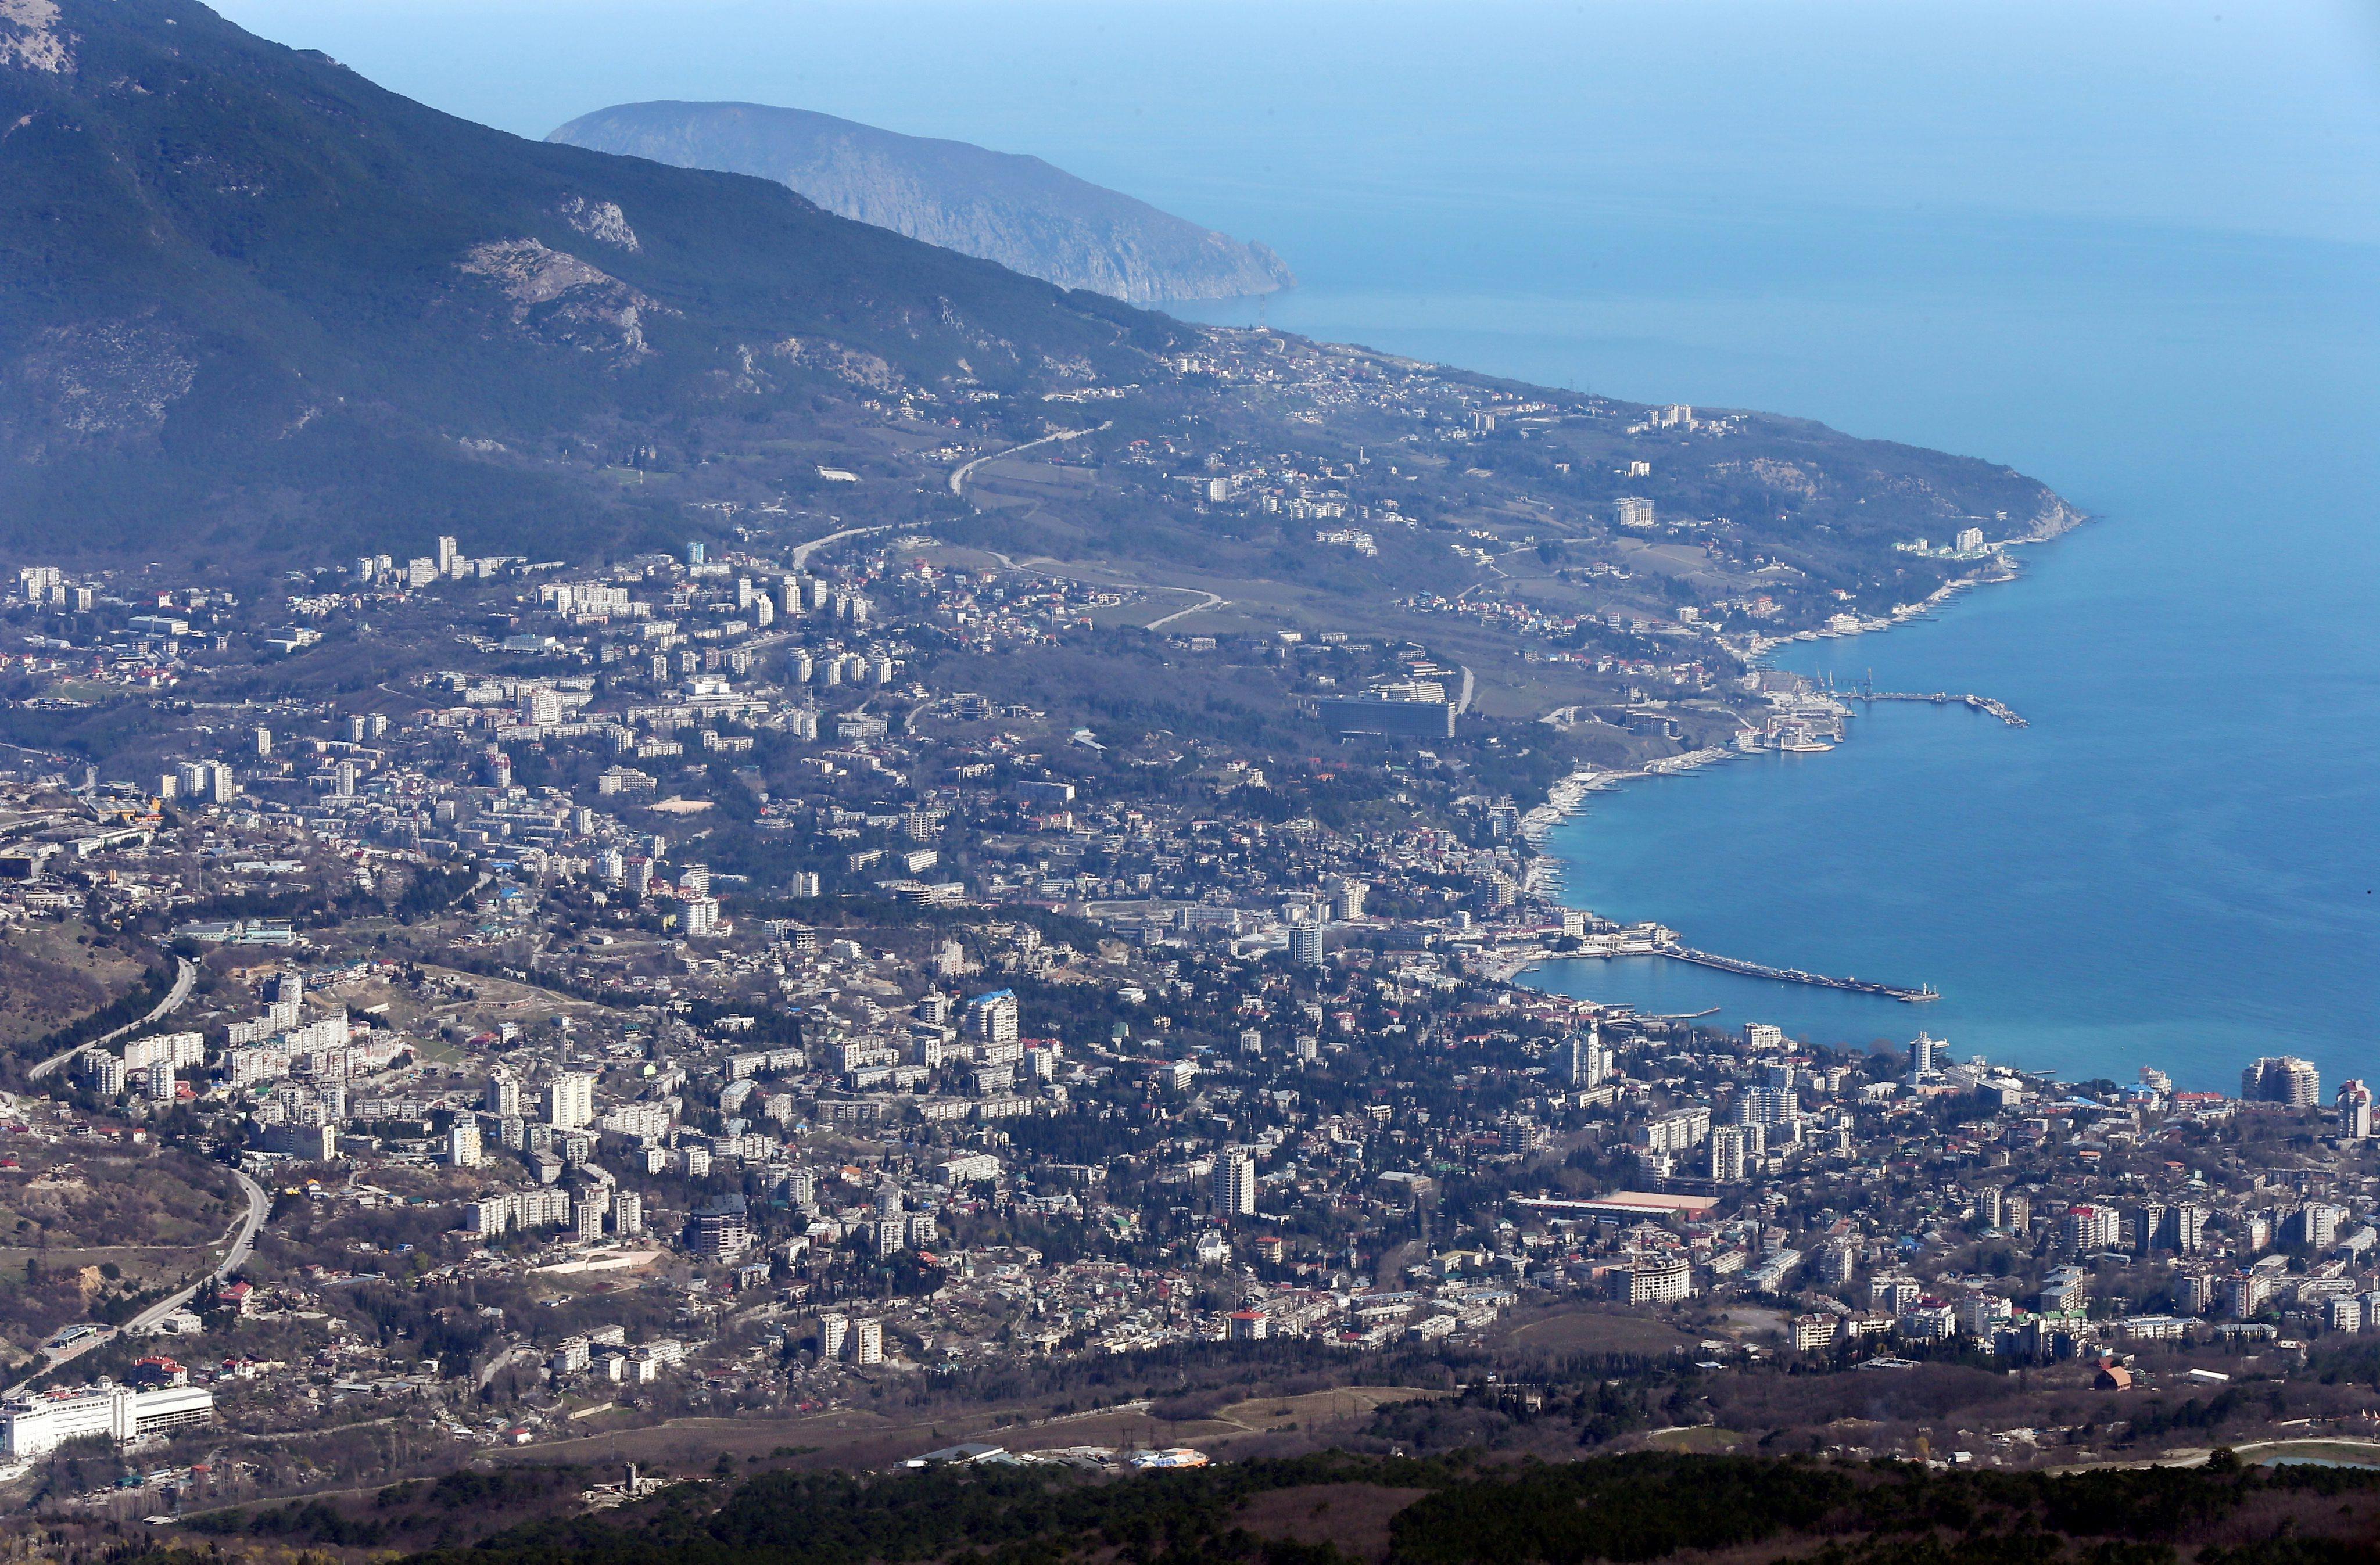 Обещаното благоденствие не настъпи в Крим